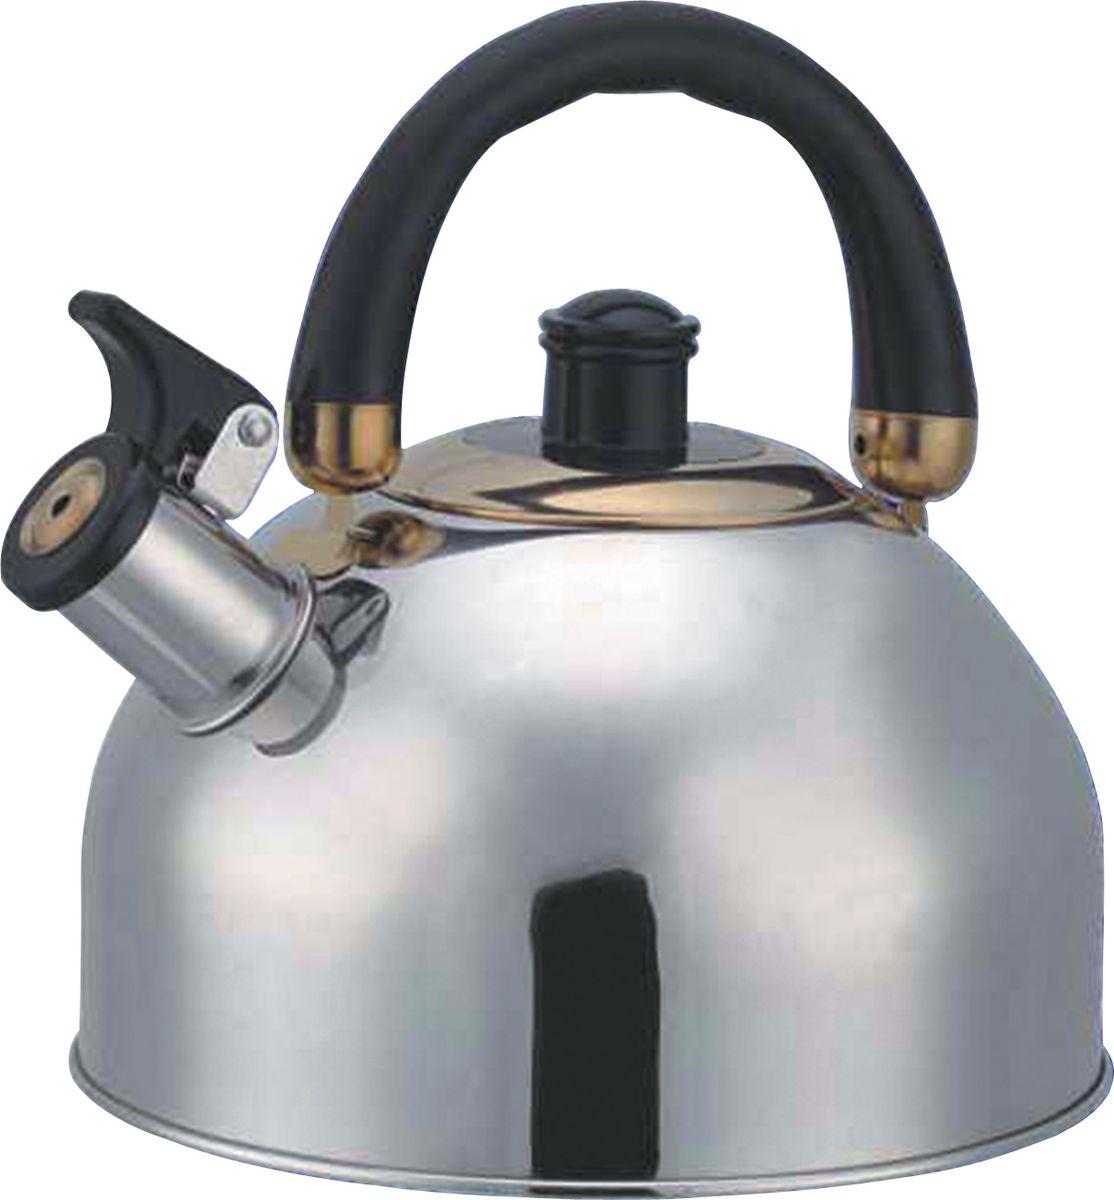 Чайник Bohmann, со свистком, 3,5 л. 635BHLBK502805Чайник Bohmann изготовлен из высококачественной нержавеющей стали. Нержавеющая сталь обладает высокой устойчивостью к коррозии, не вступает в реакцию с холодными и горячими продуктами и полностью сохраняет их вкусовые качества. Чайник оснащен удобной подвижной бакелитовой ручкой, которая не нагревается и не скользит. Носик чайника имеет откидной свисток, звуковой сигнал которого подскажет, когда закипит вода. Чайник подходит к газовым, электрическим, стеклокерамическим плитам.